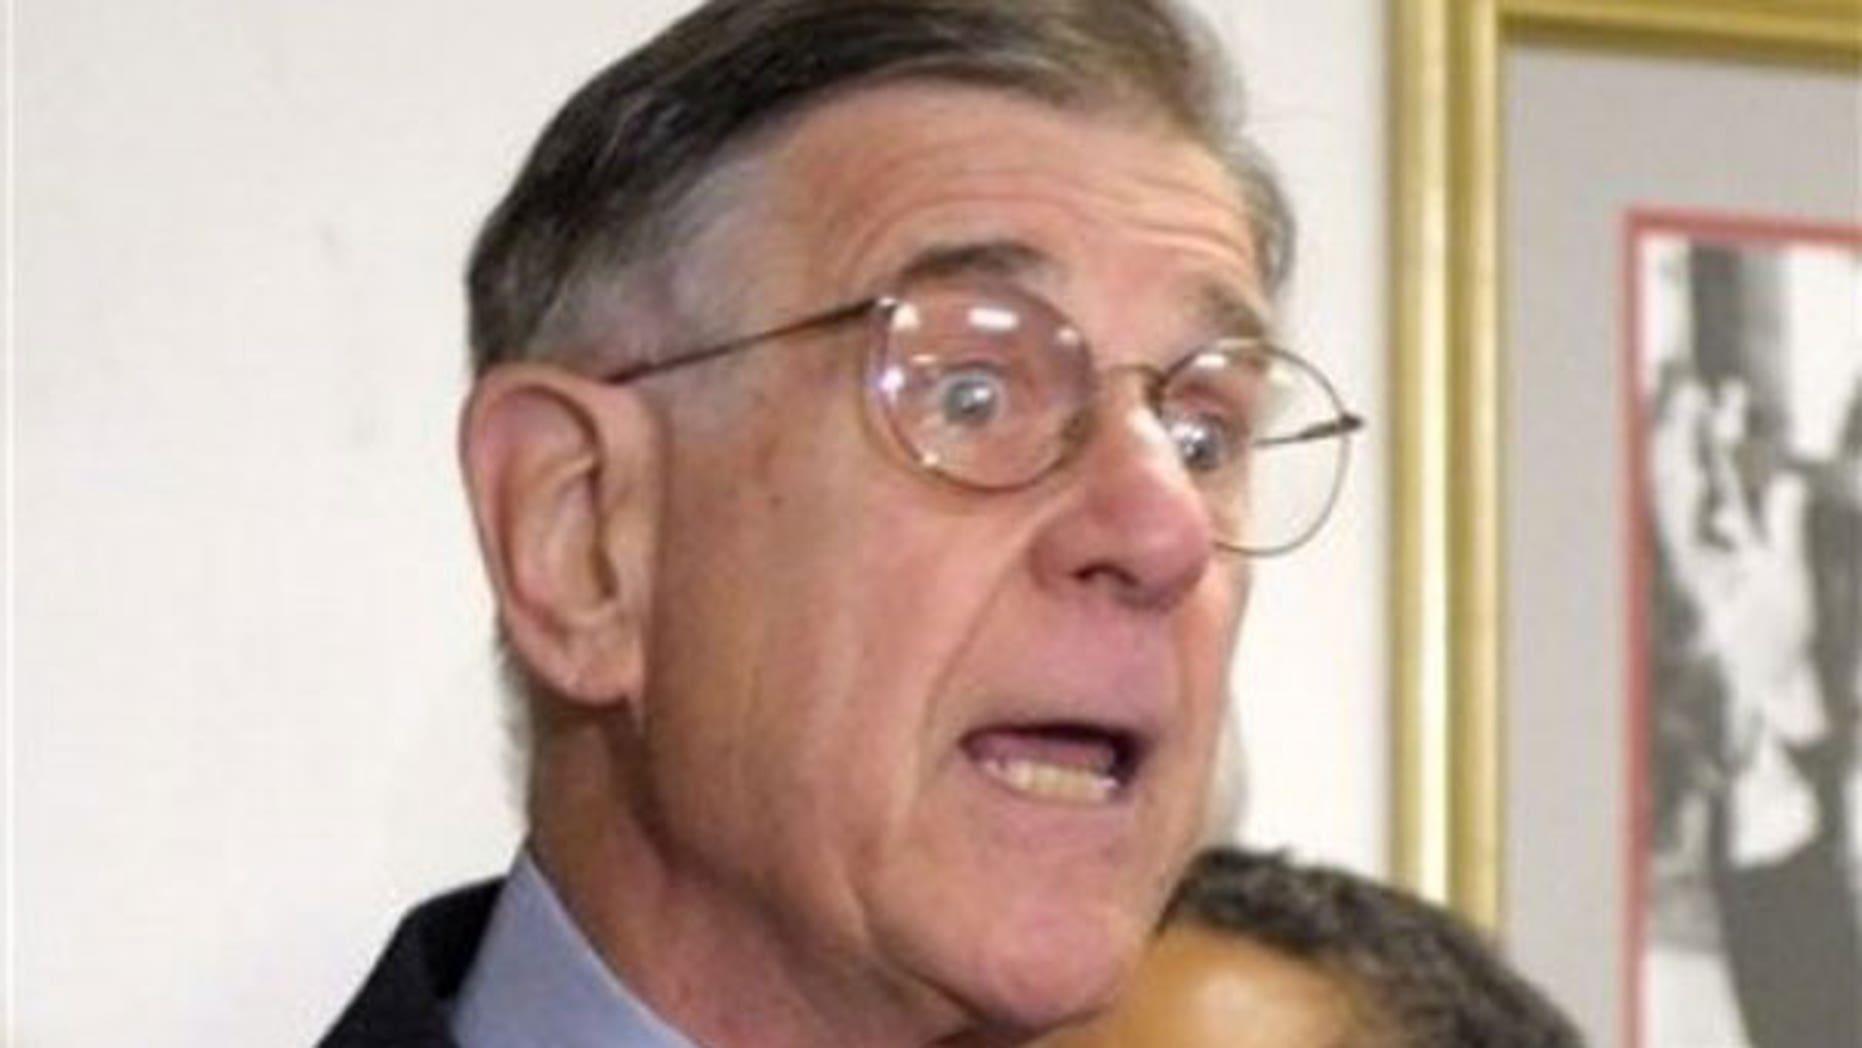 Rep. Pete Stark, D-Calif. (AP)